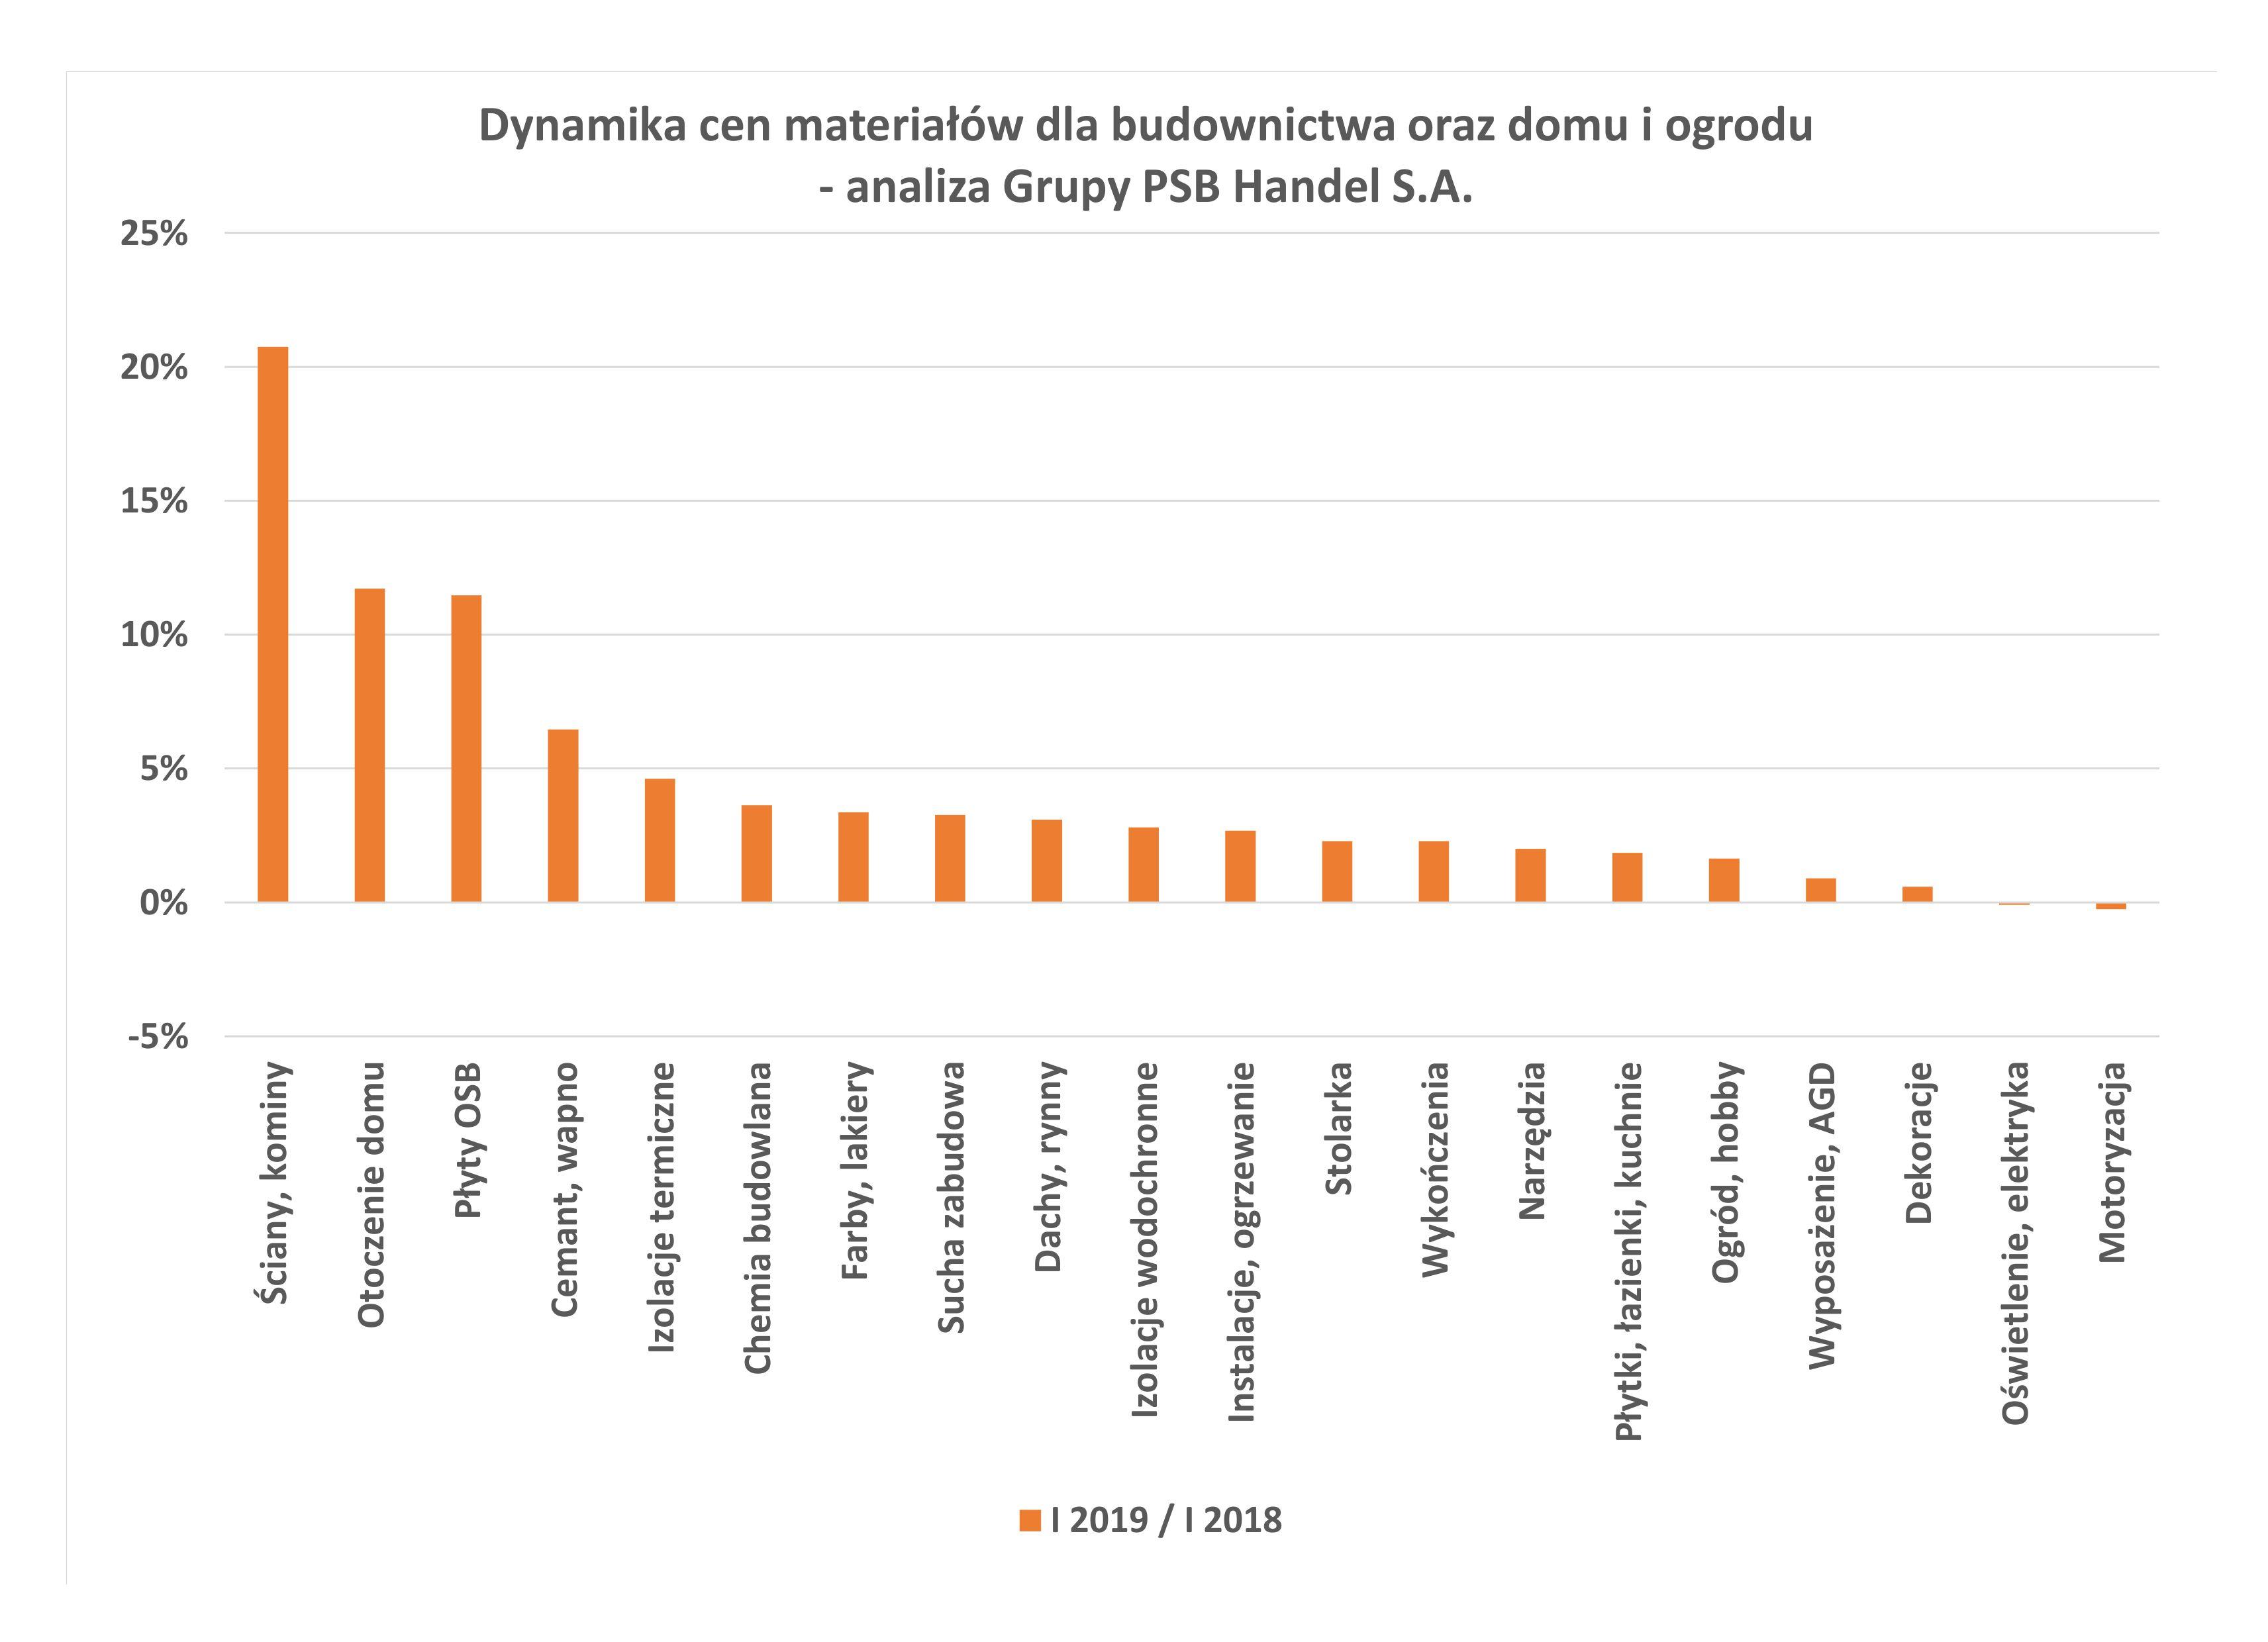 Grupa PSB zaprezentowała dynamikę cen materiałów w I 2019. Źródło: Grupa PSB